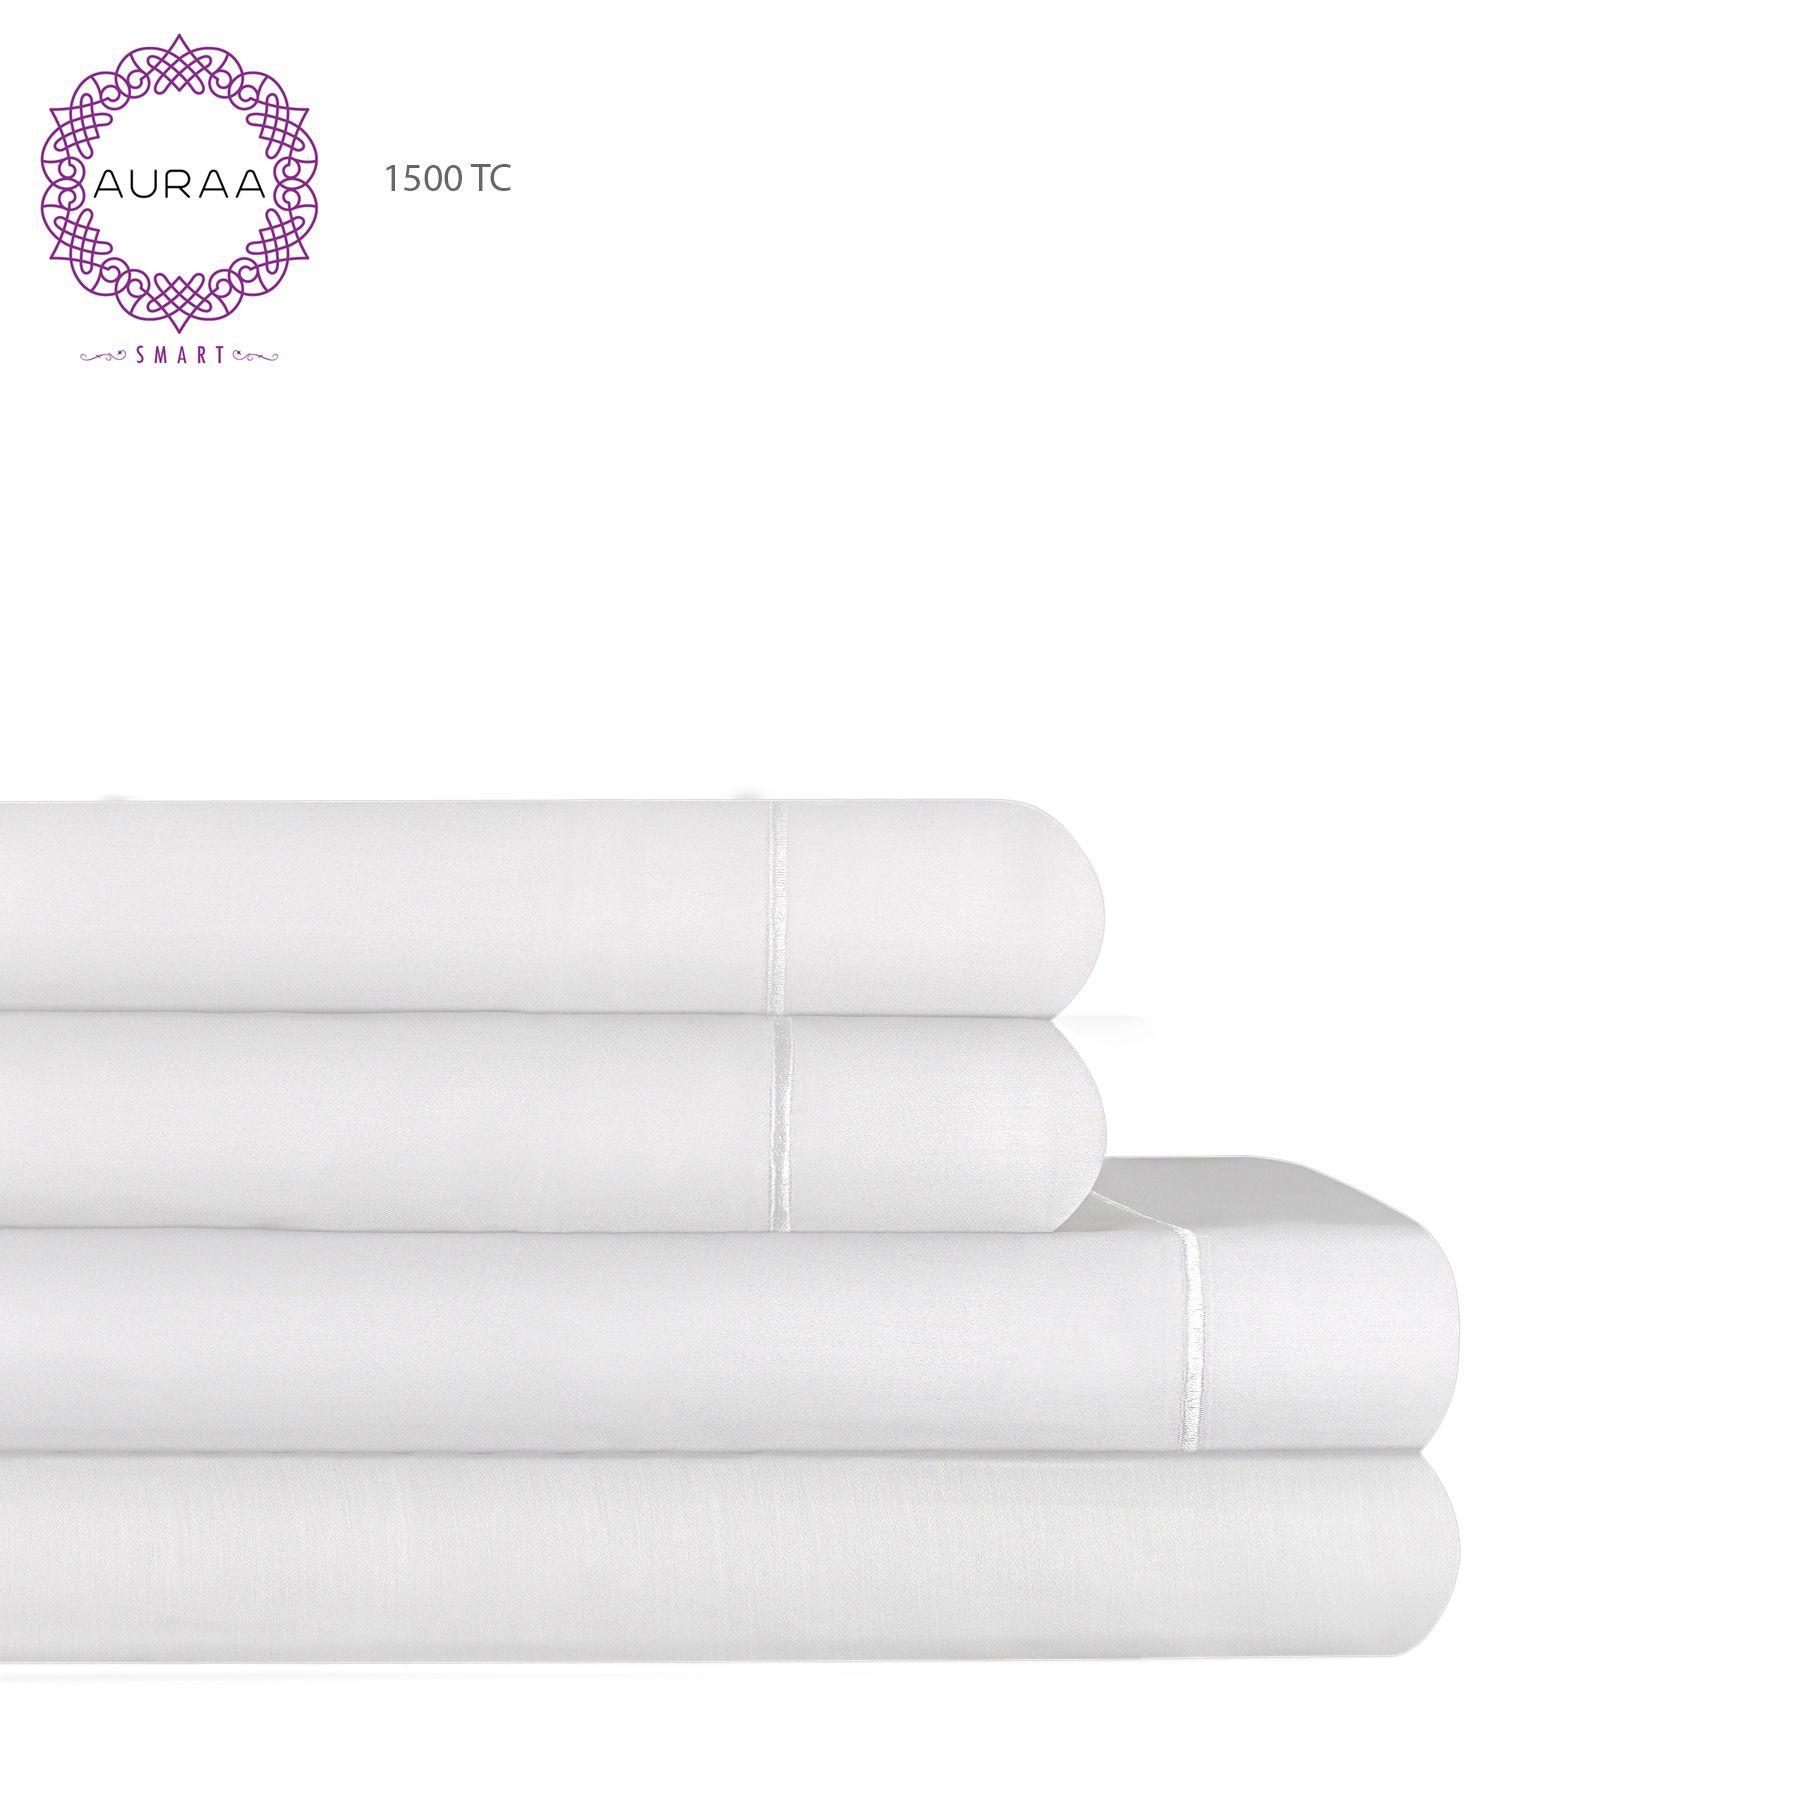 Auraa smart 1500 tc cotton rich king sheet set walmart